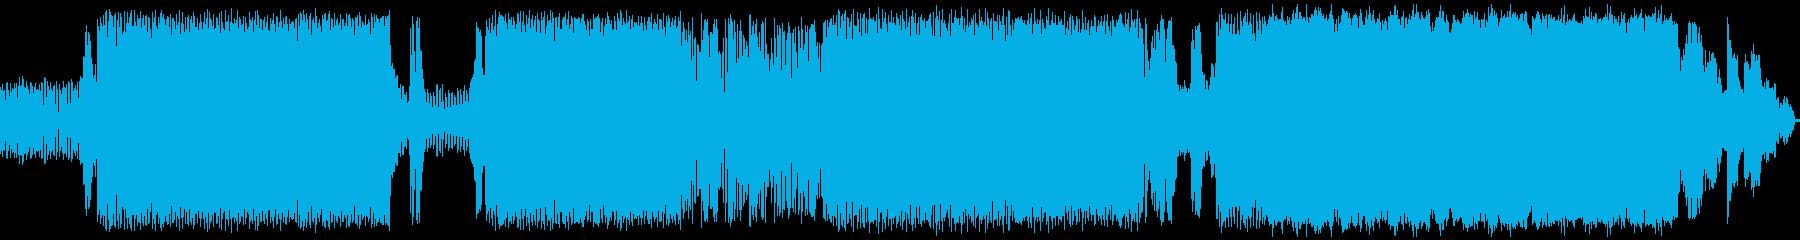 低音を重視したダンスミュージックの再生済みの波形